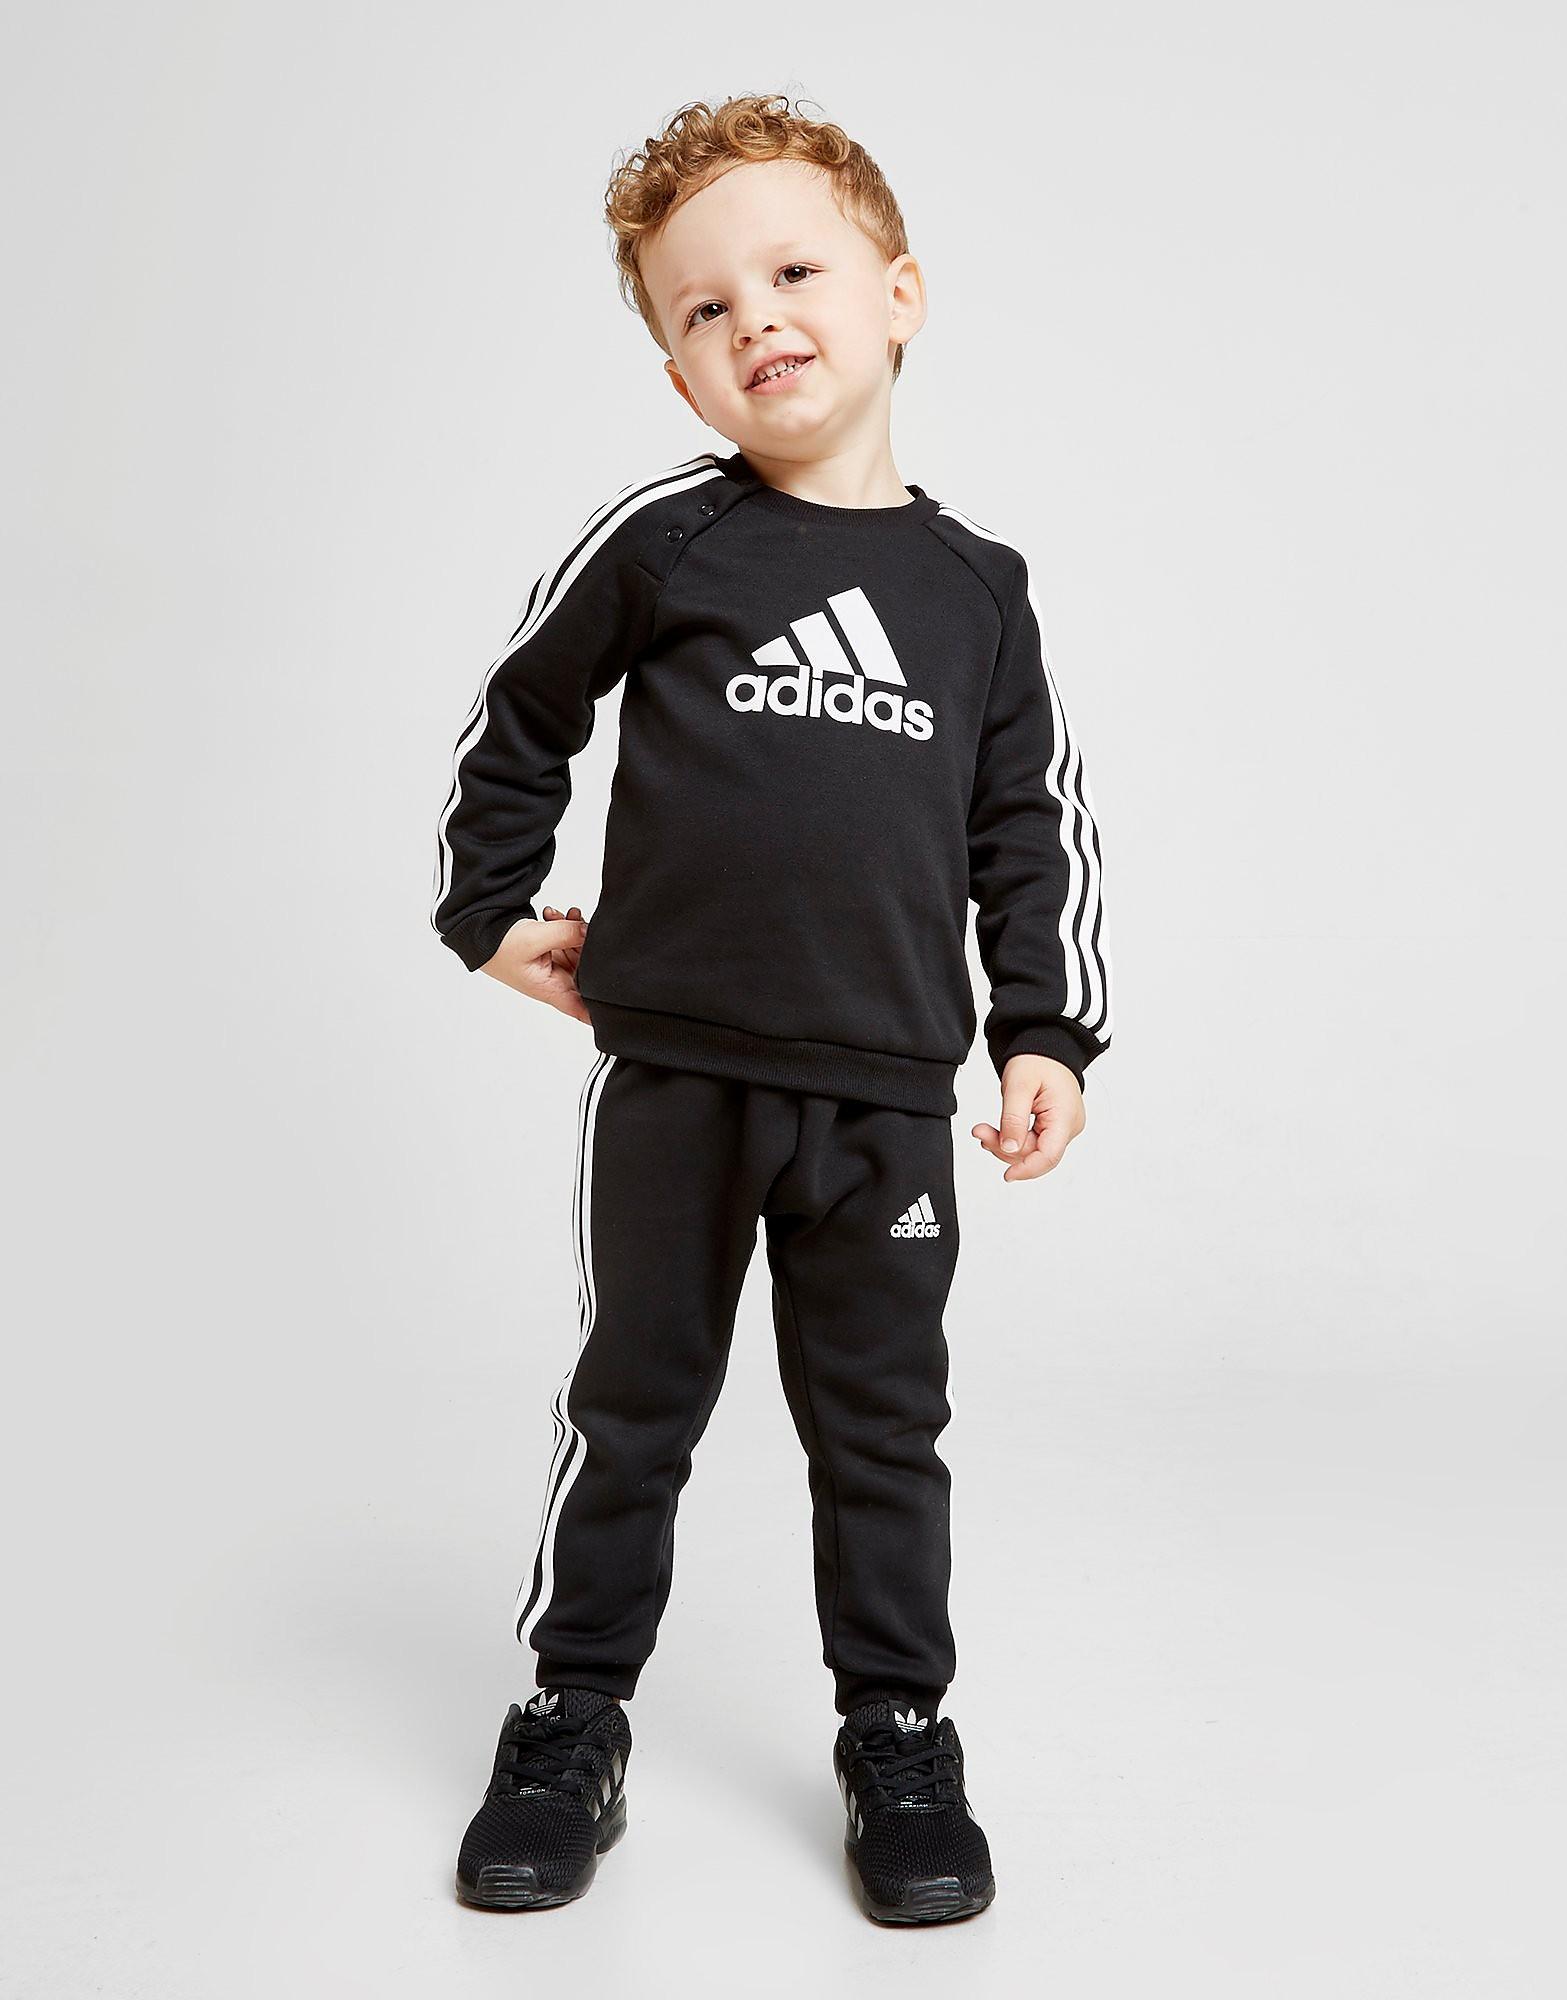 adidas Badge of Sport Crew Suit Baby's Zwart Kind